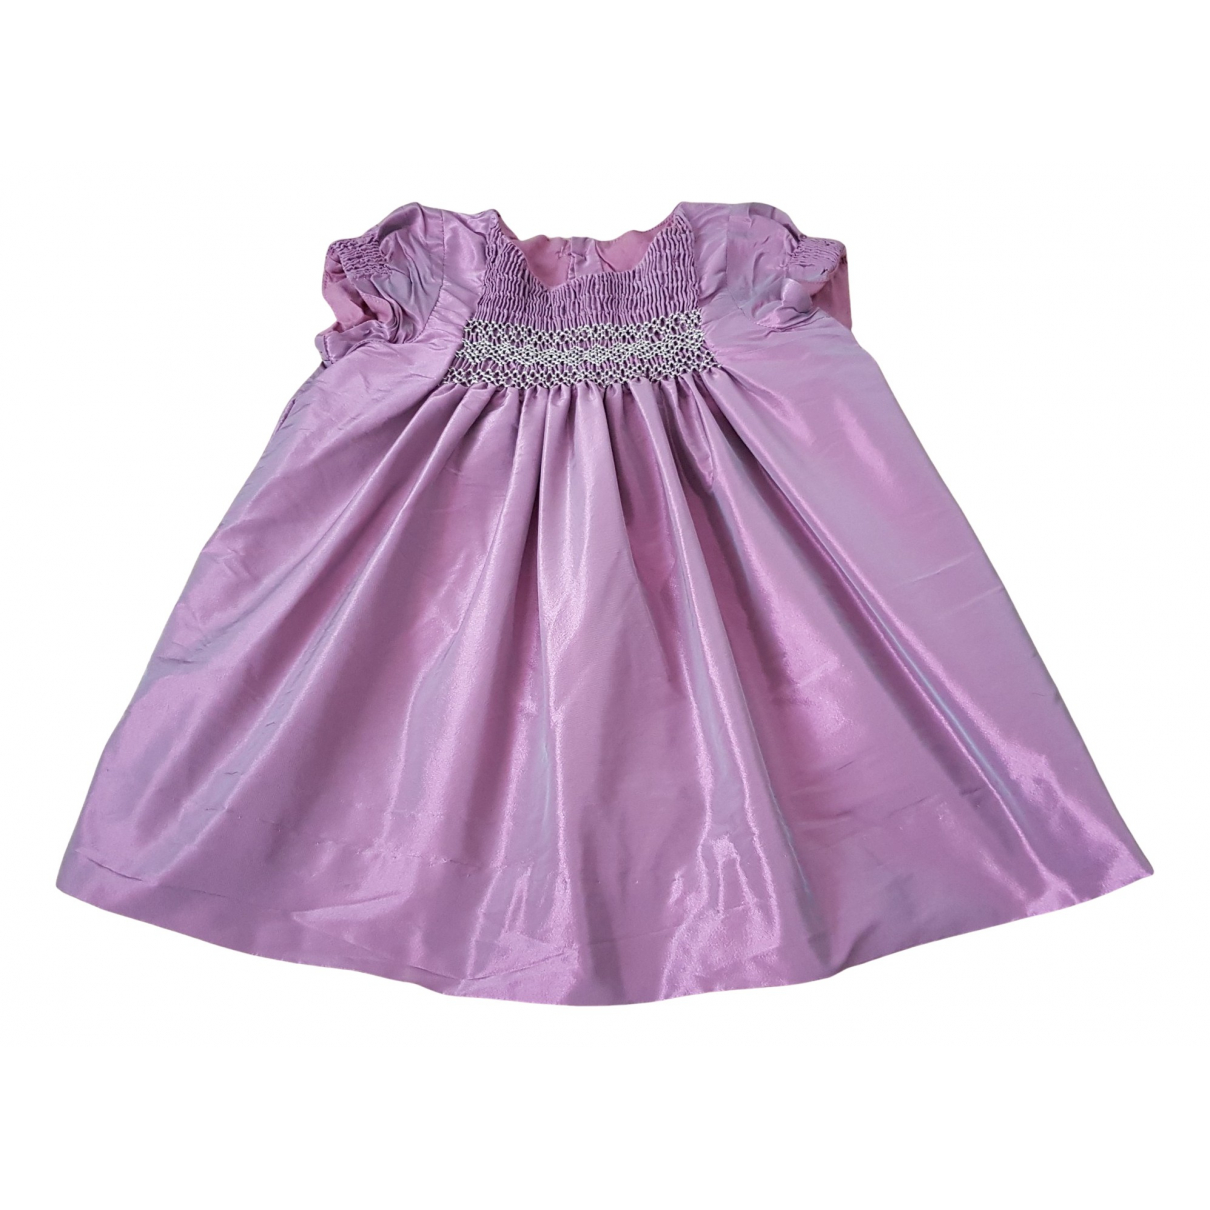 Jacadi \N Kleid in  Rosa Synthetik